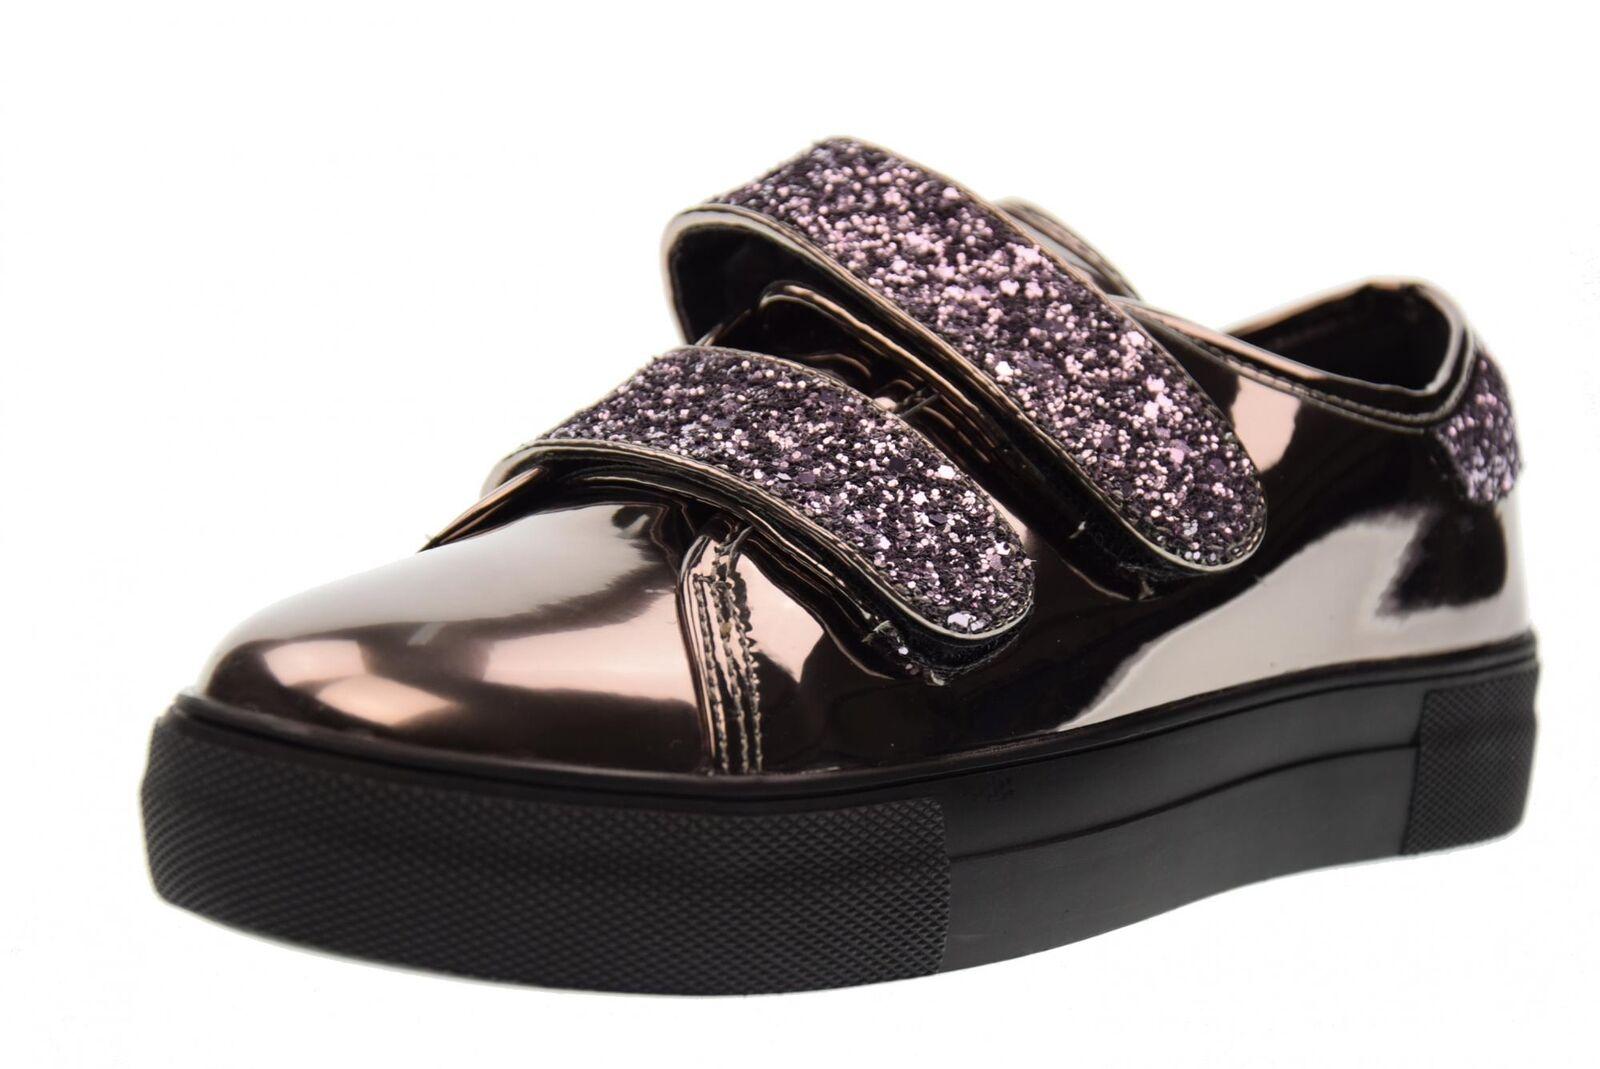 B3d Schuhes A17s 41386 zapatillas de deporte de los L zapatos de plataforma ESPEJO L los 9cf5f1